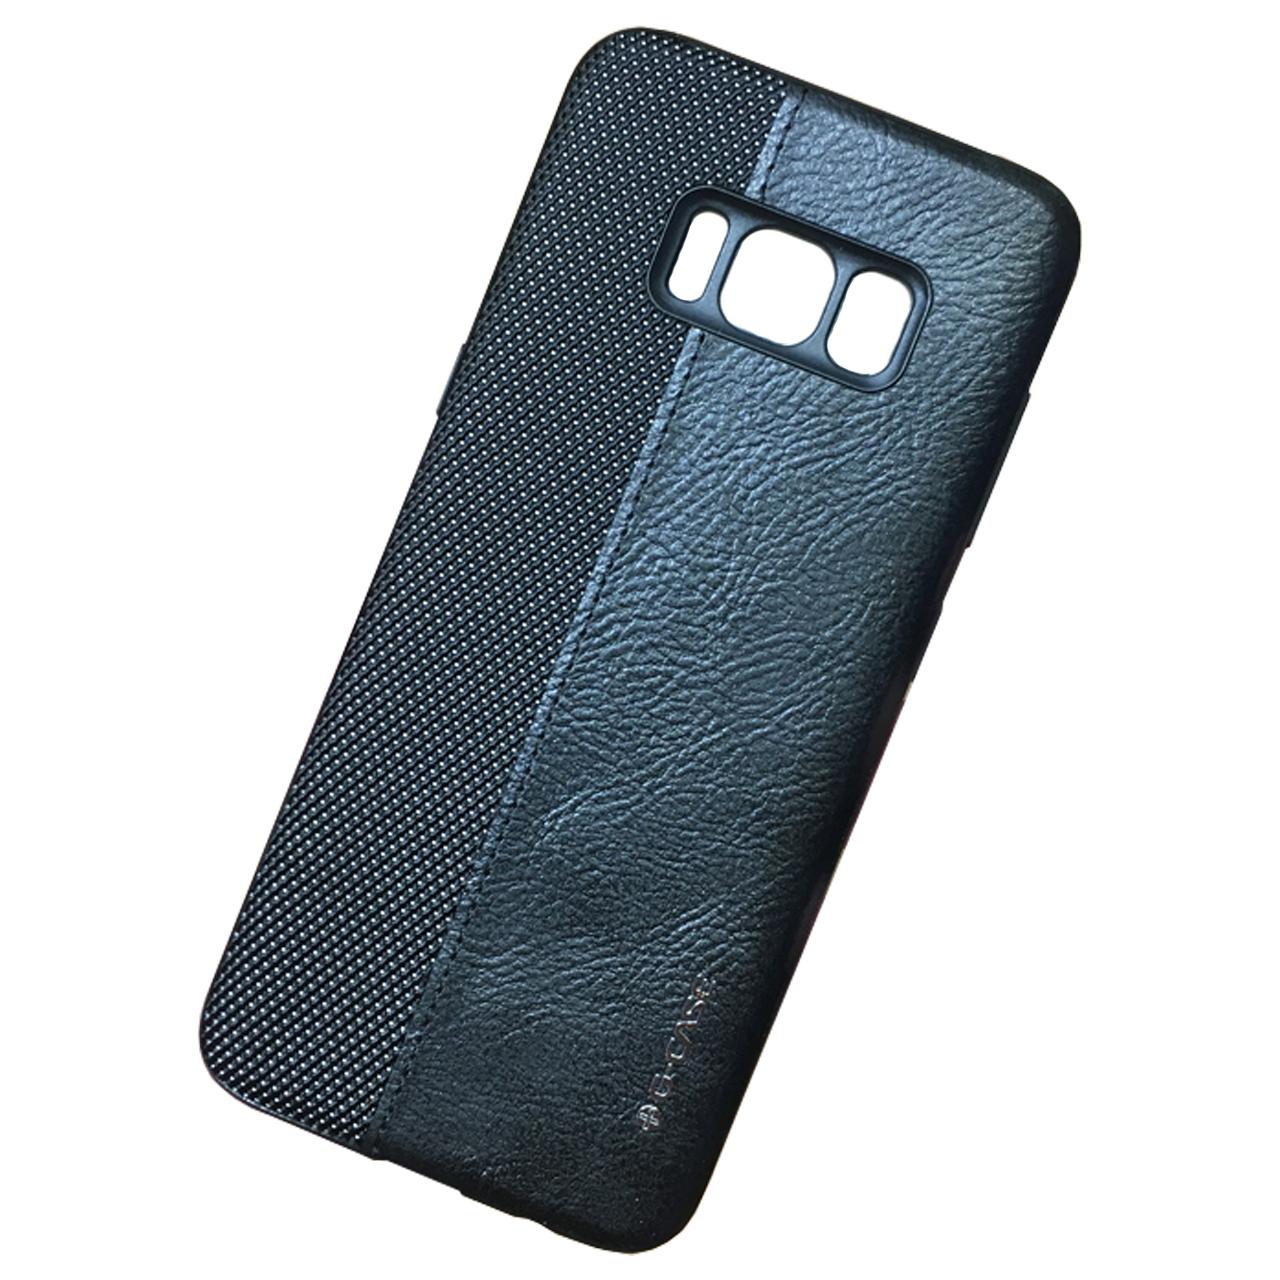 کاور جی-کیس مدل EARL مناسب برای گوشی موبایل سامسونگ Galaxy S8Plus